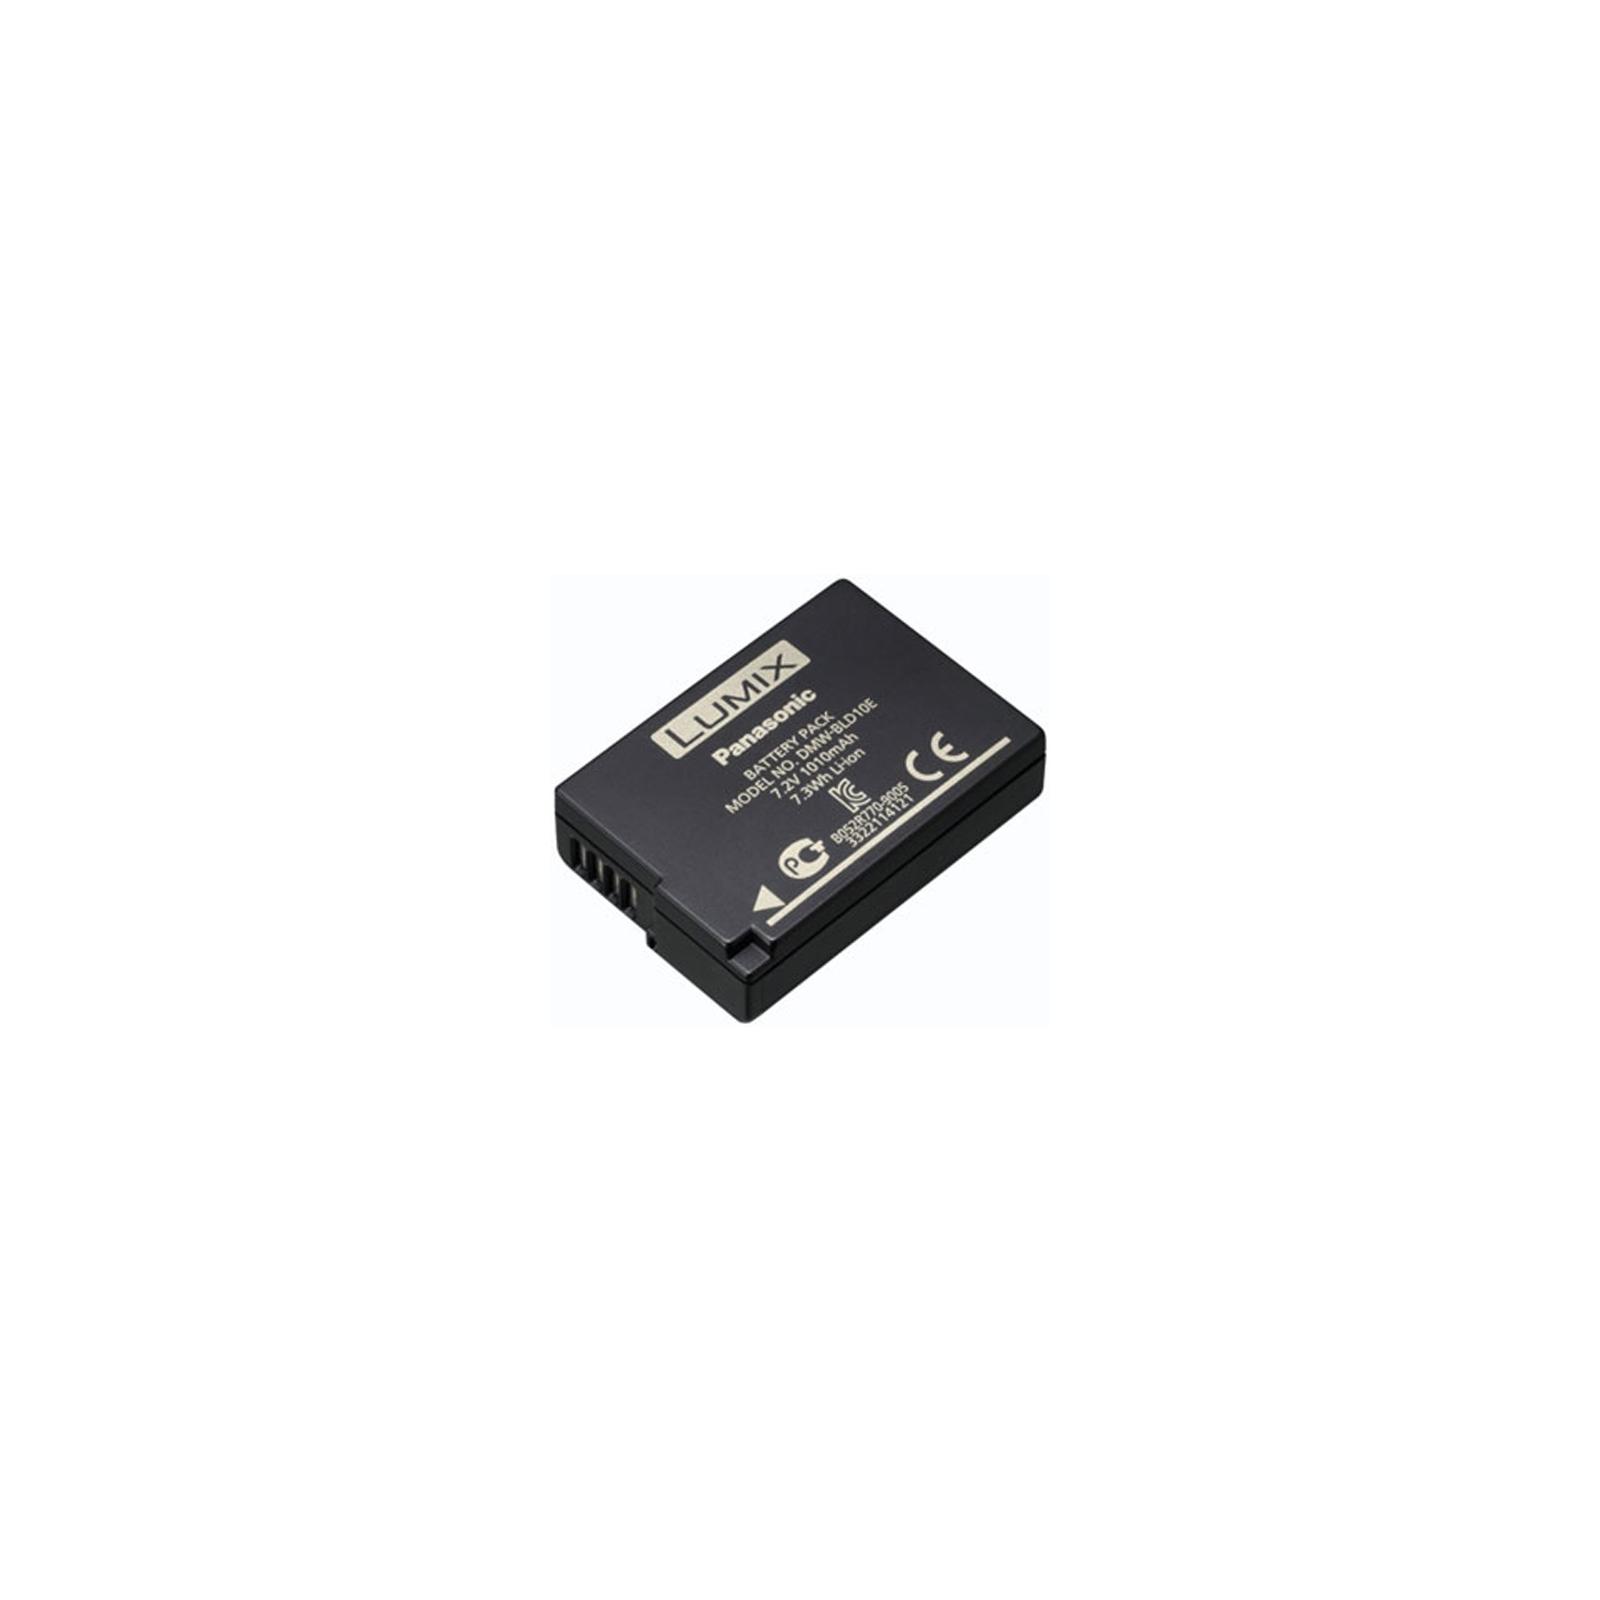 Аккумулятор к фото/видео PANASONIC DMW-BLD10E для фотокамер Lumix: DMC-G3/DMC-GF2/DMC-GX1 (DMW-BLD10E)